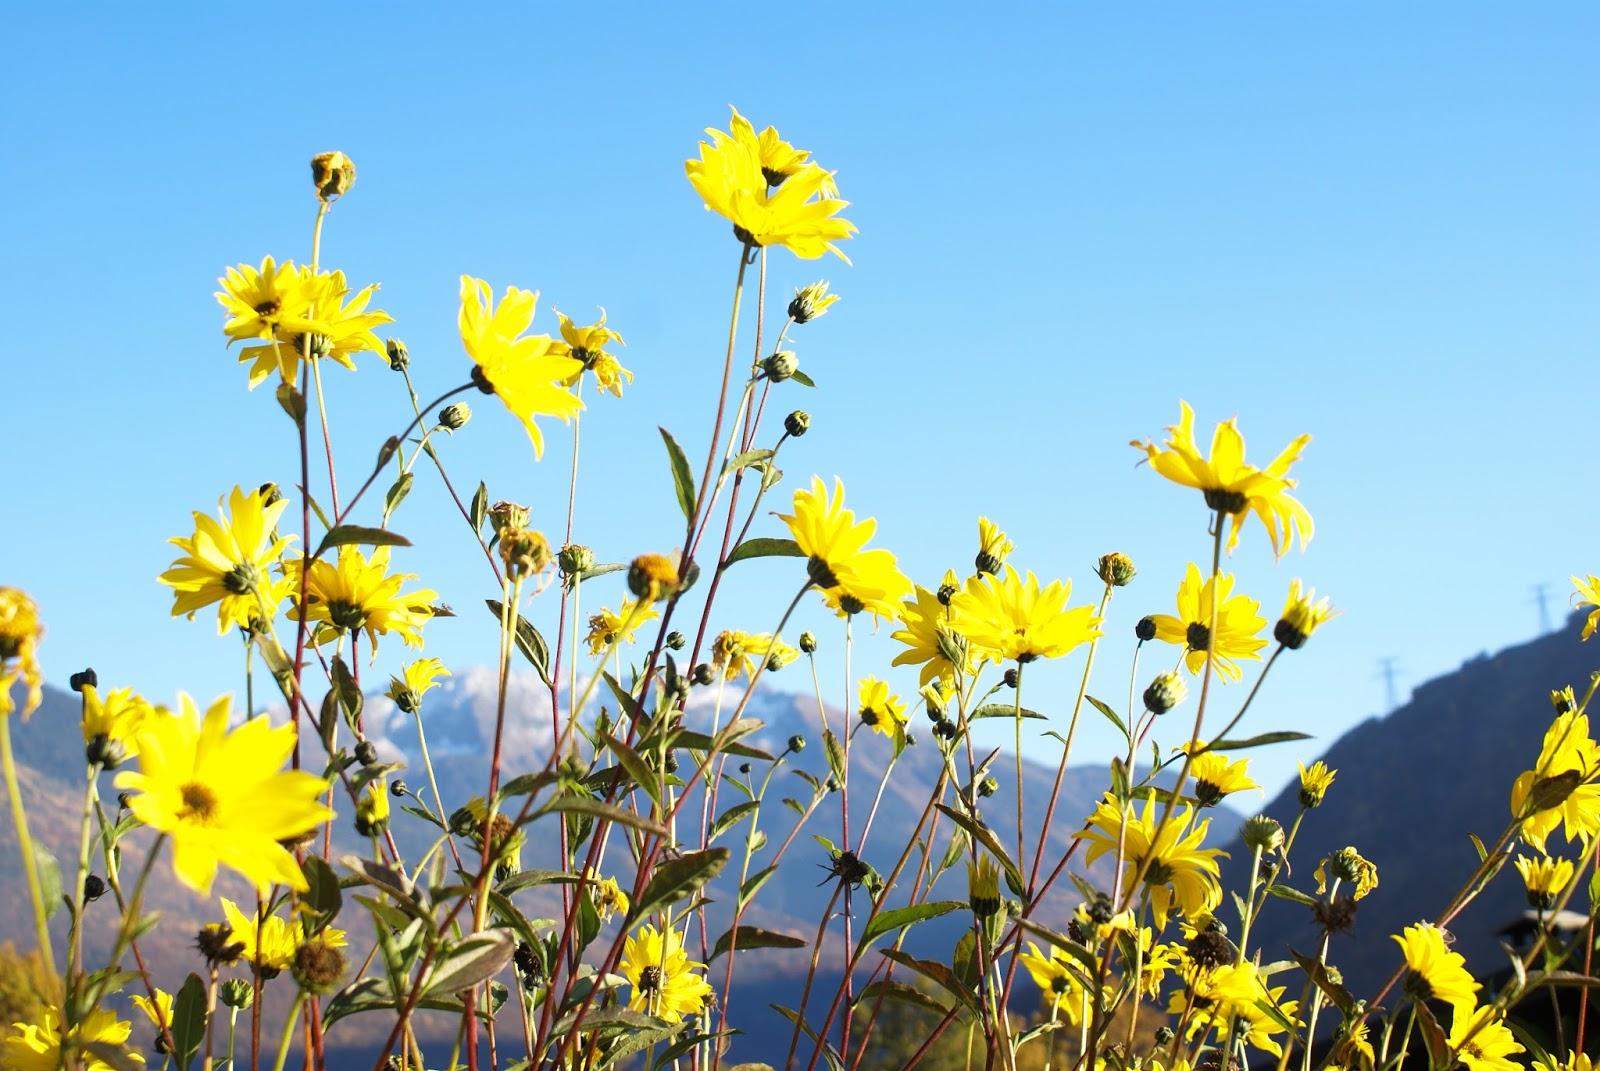 automne savoie fleurs nature